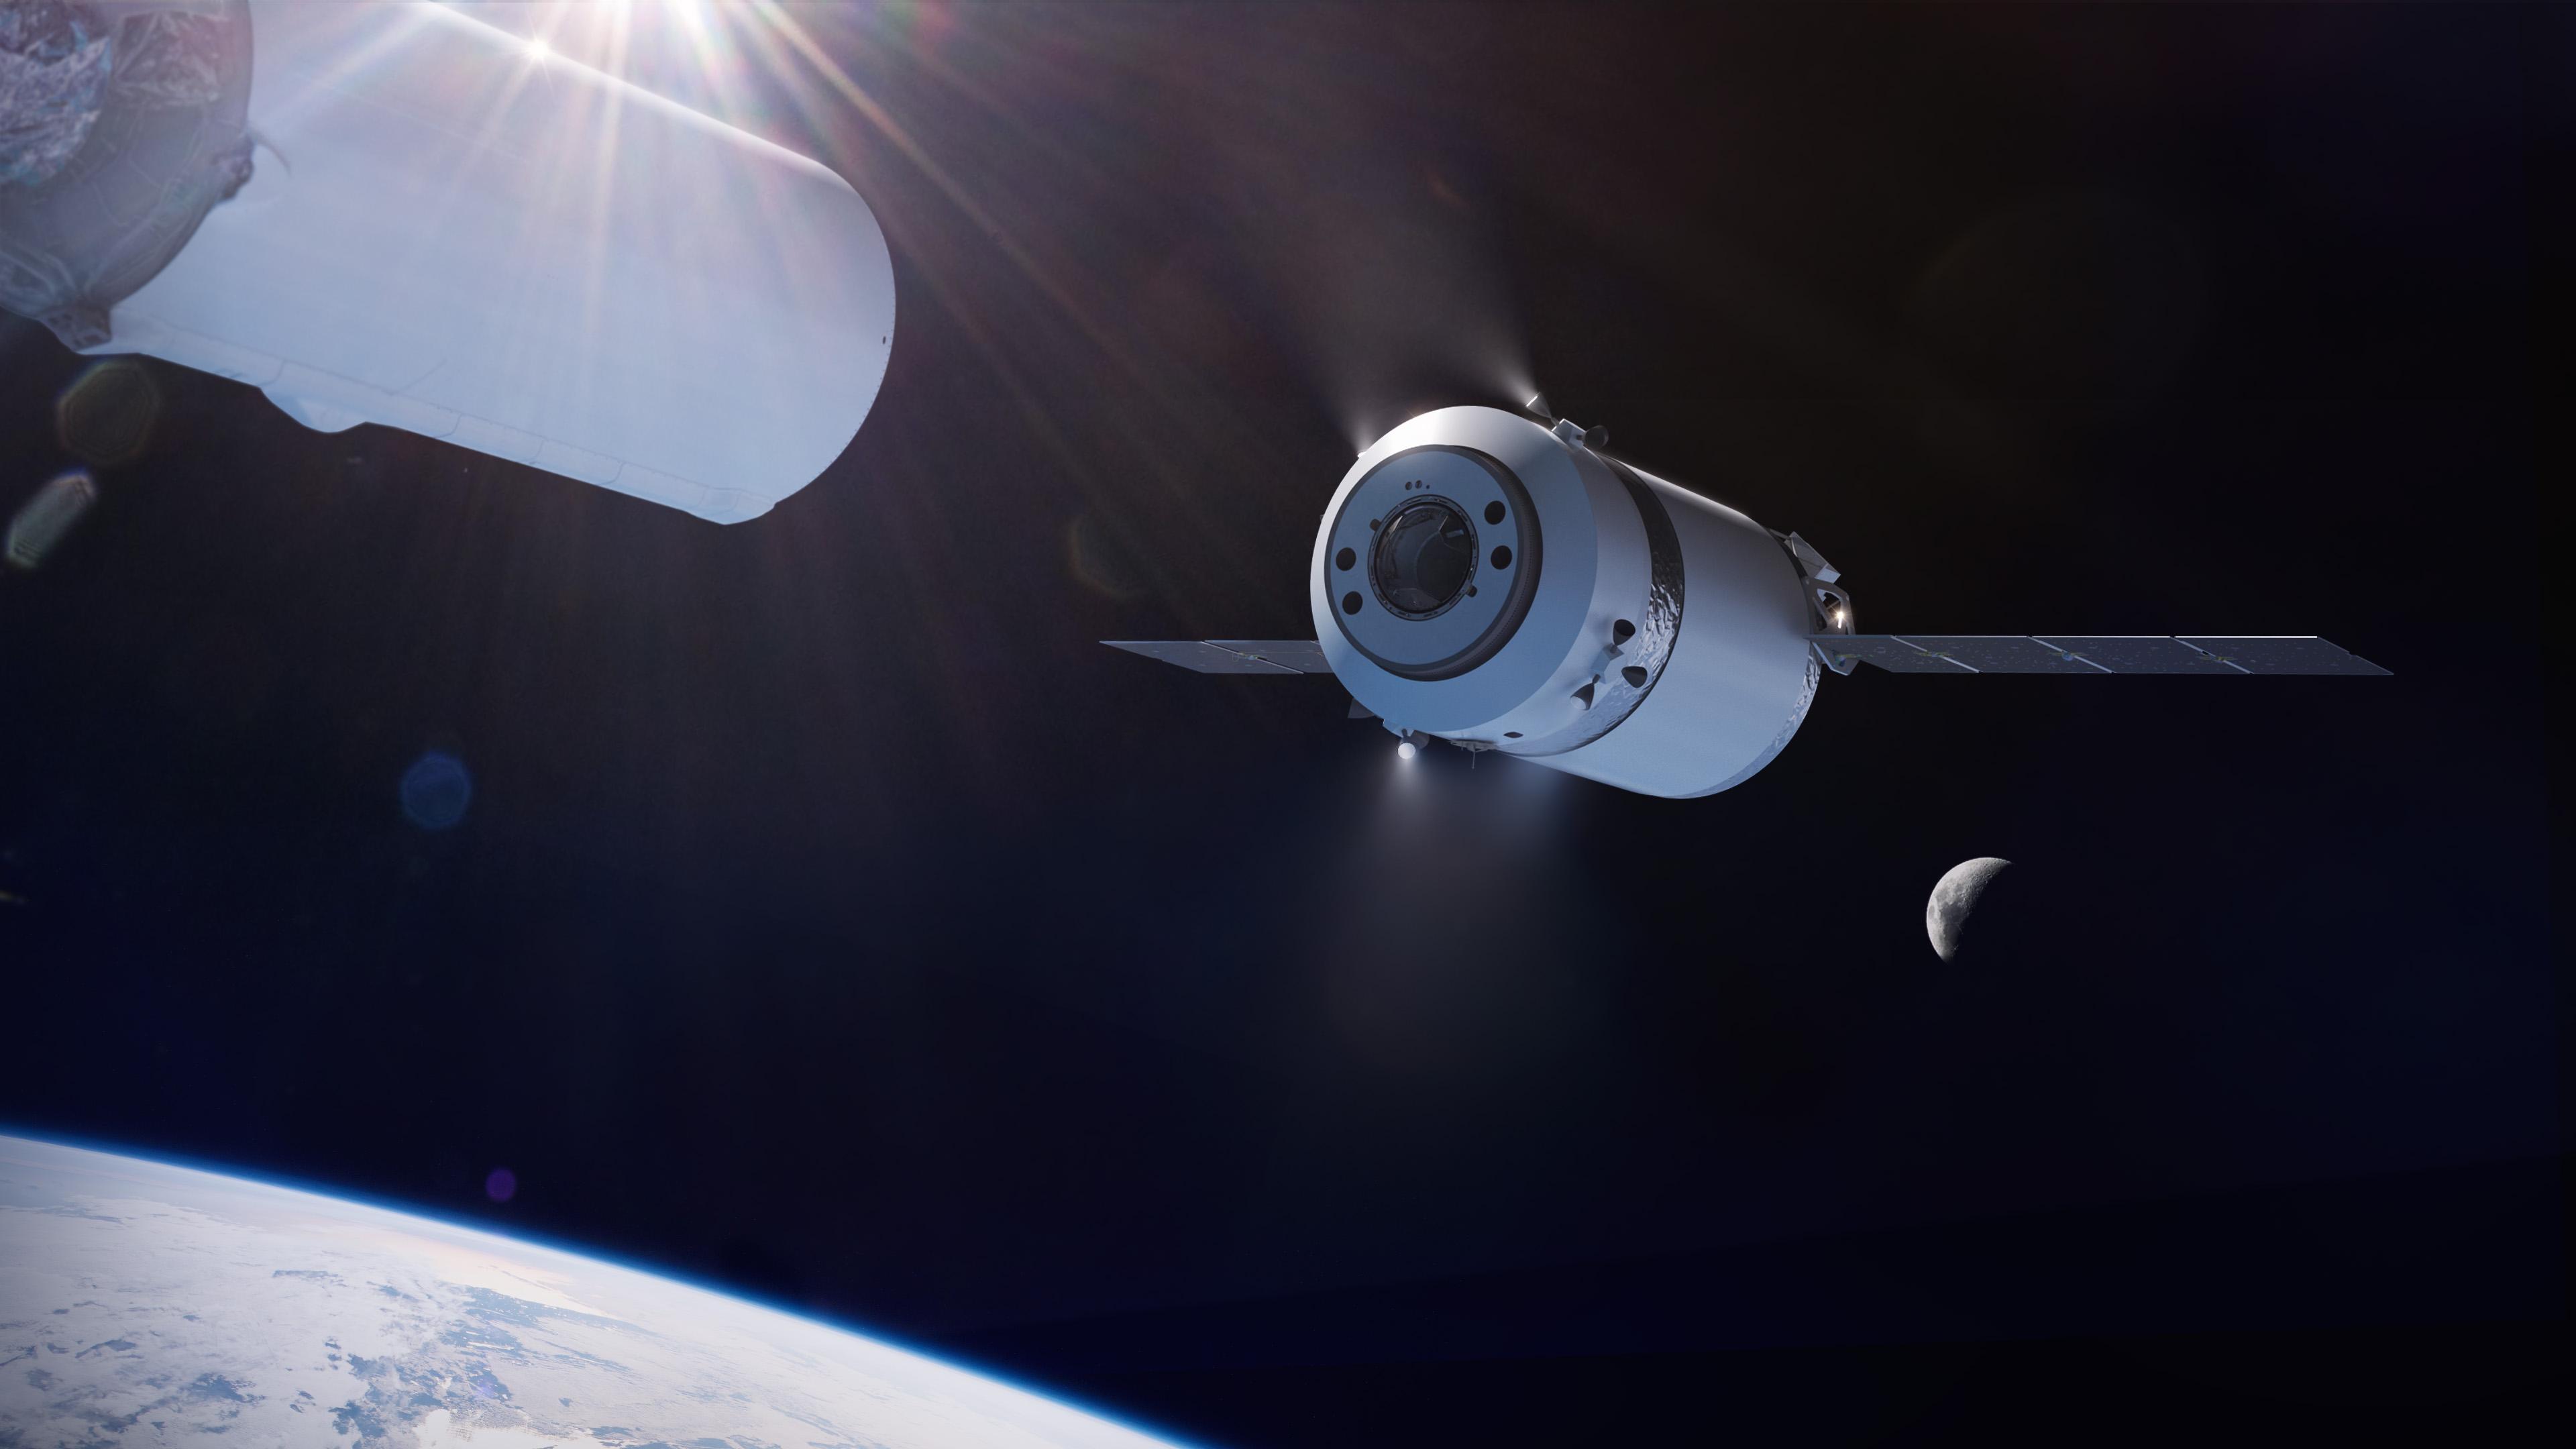 Wizja artystyczna przedstawiająca statek Dragon XL po odłączeniu od drugiego stopnia rakiety Falcon Heavy (Źródło: SpaceX/NASA)